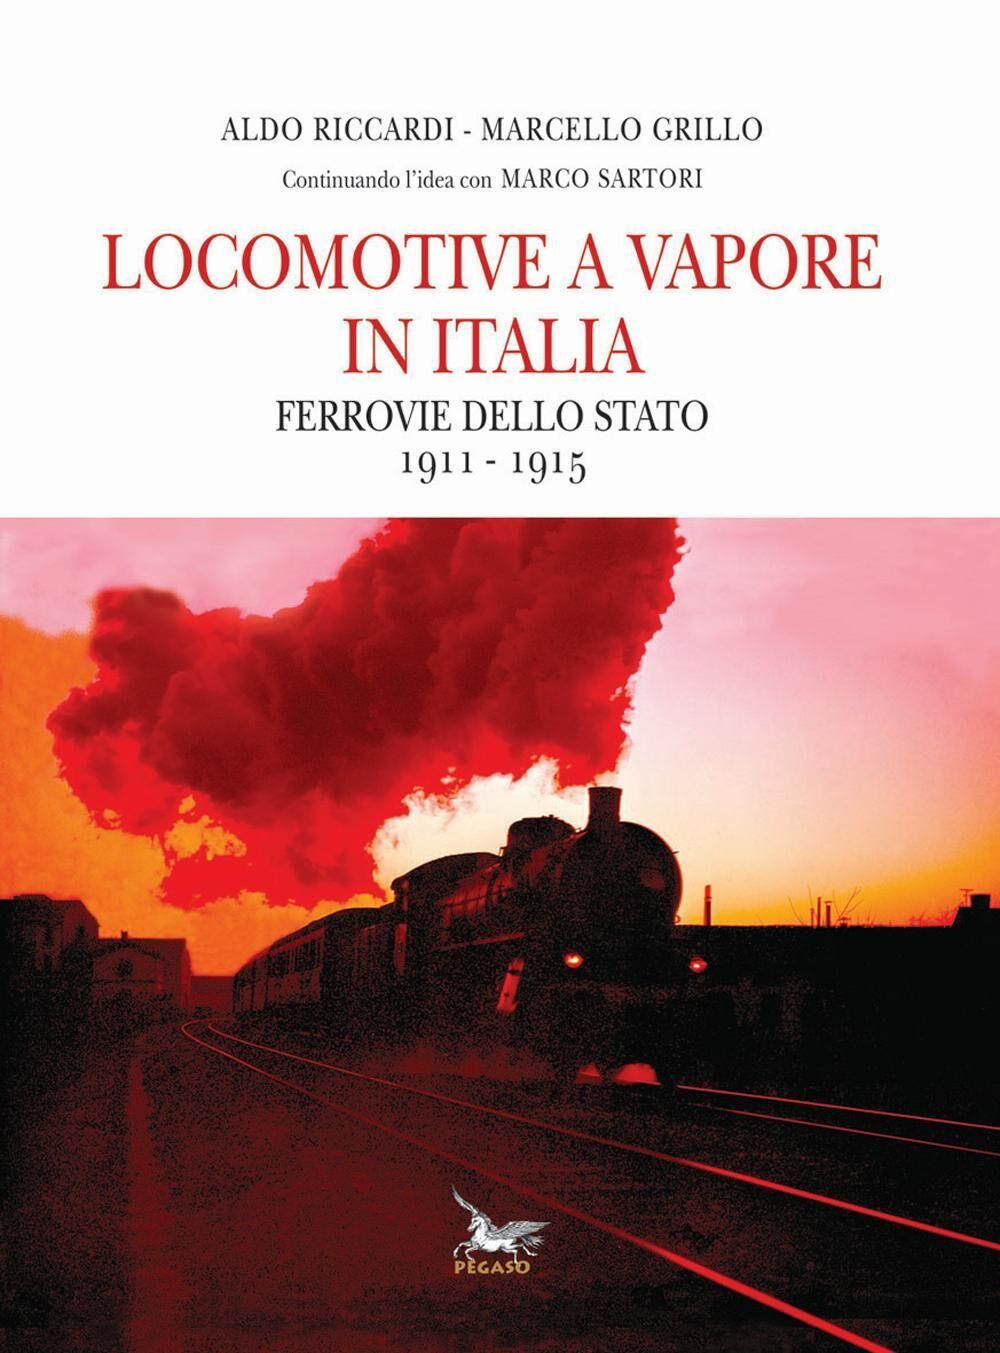 Locomotive a vapore in Italia. Ferrovie dello Stato 1911-1915